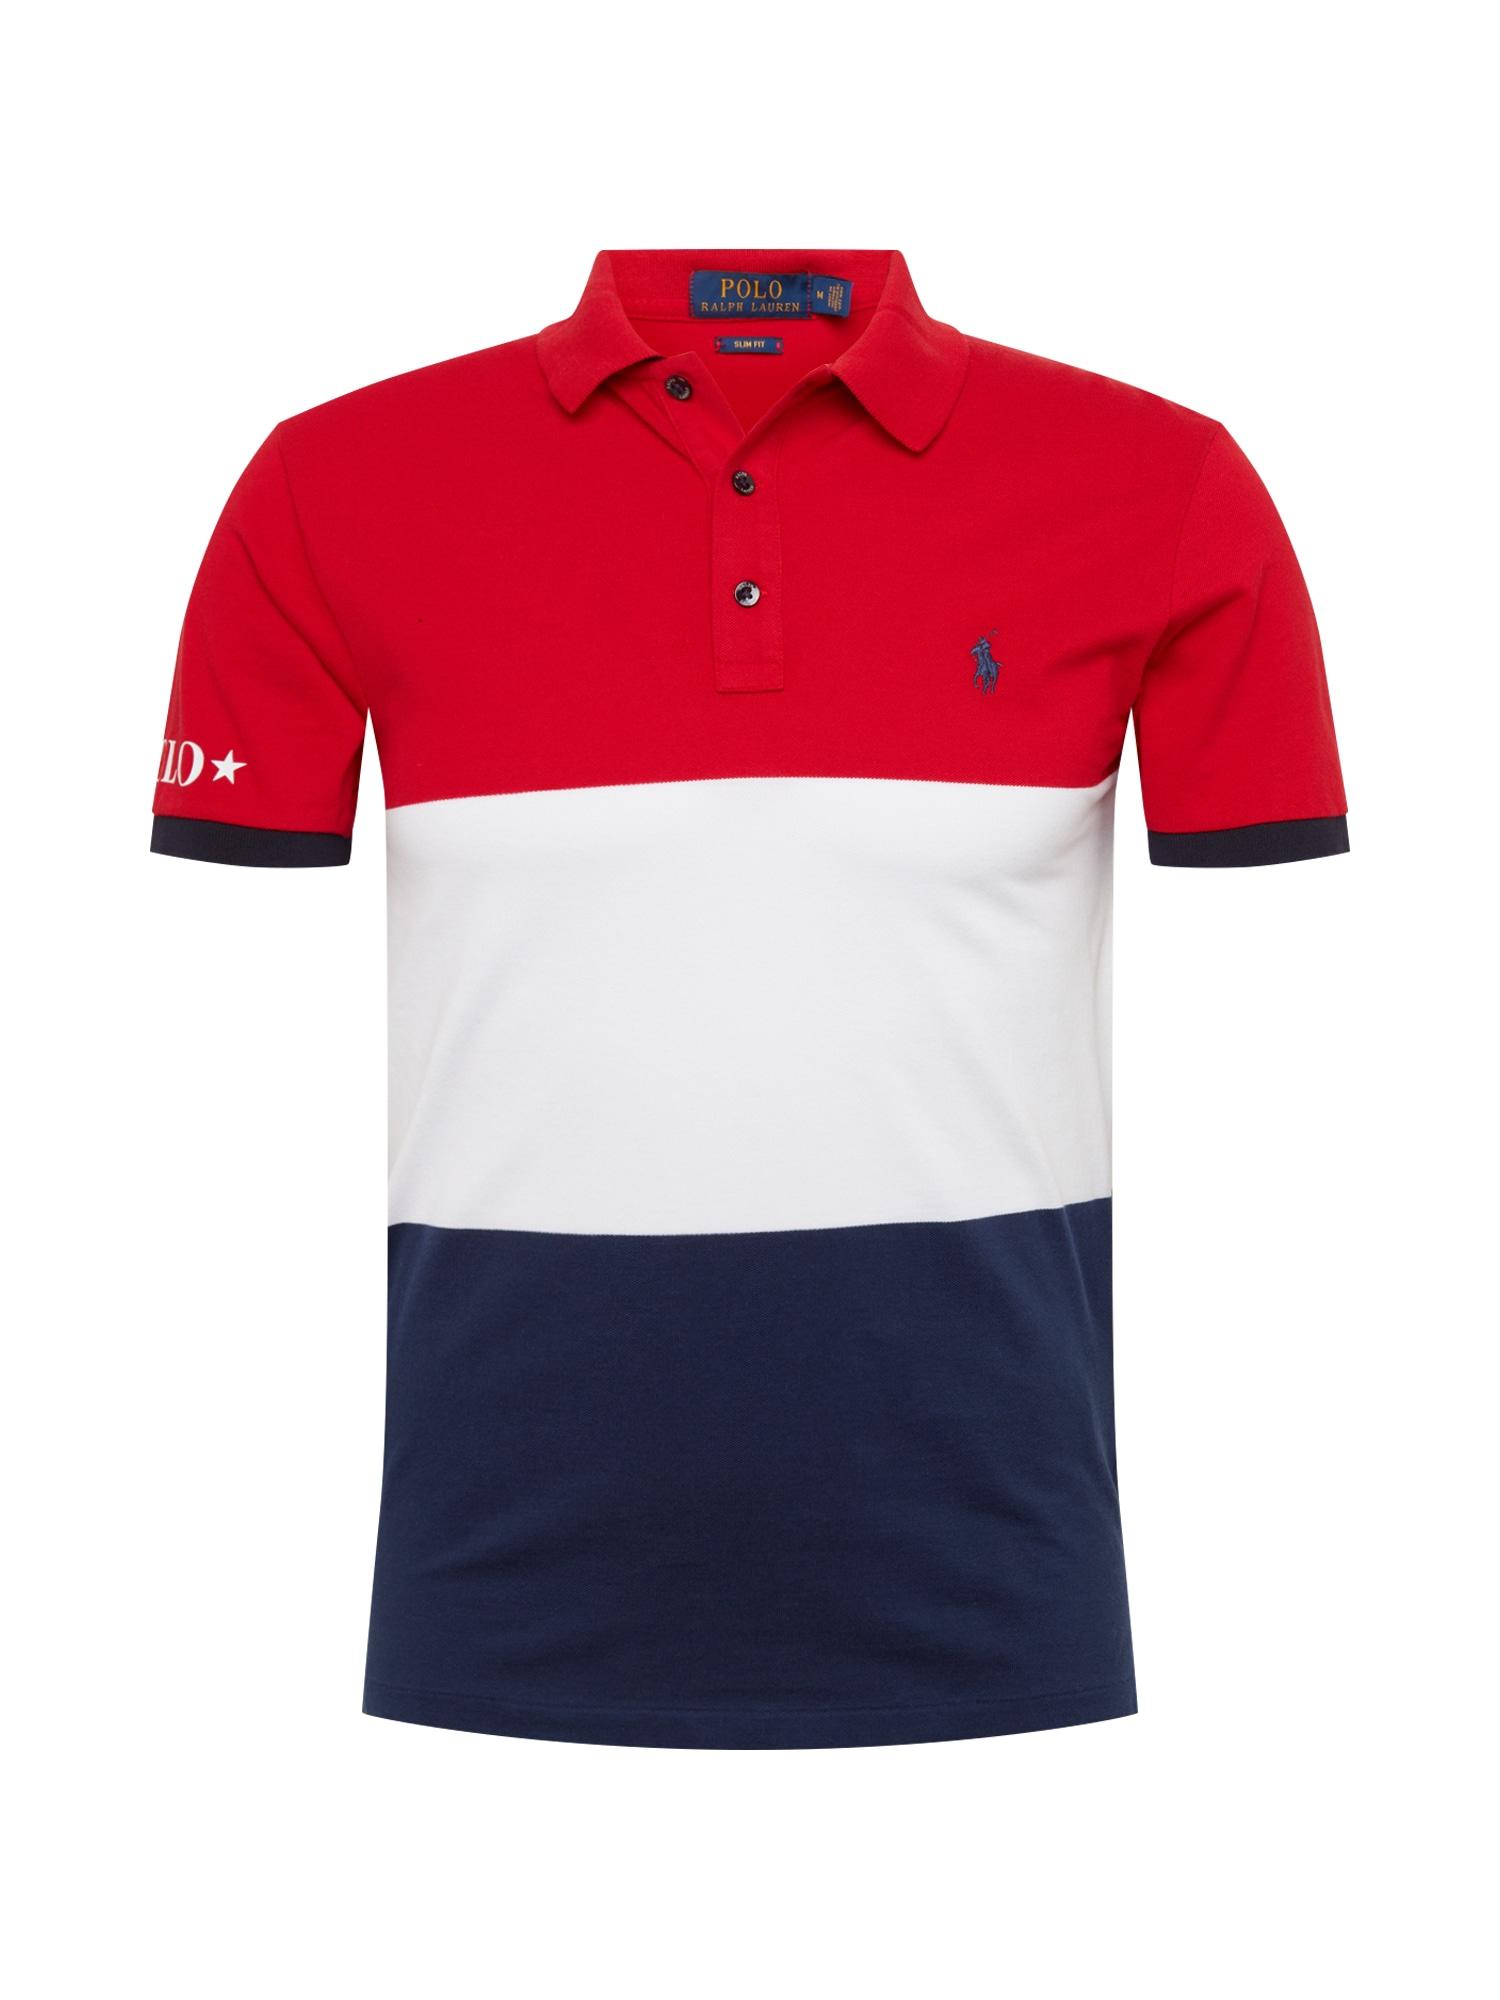 Tričko SSKCSLM2-SHORT SLEEVE-KNIT námořnická modř červená bílá POLO RALPH LAUREN